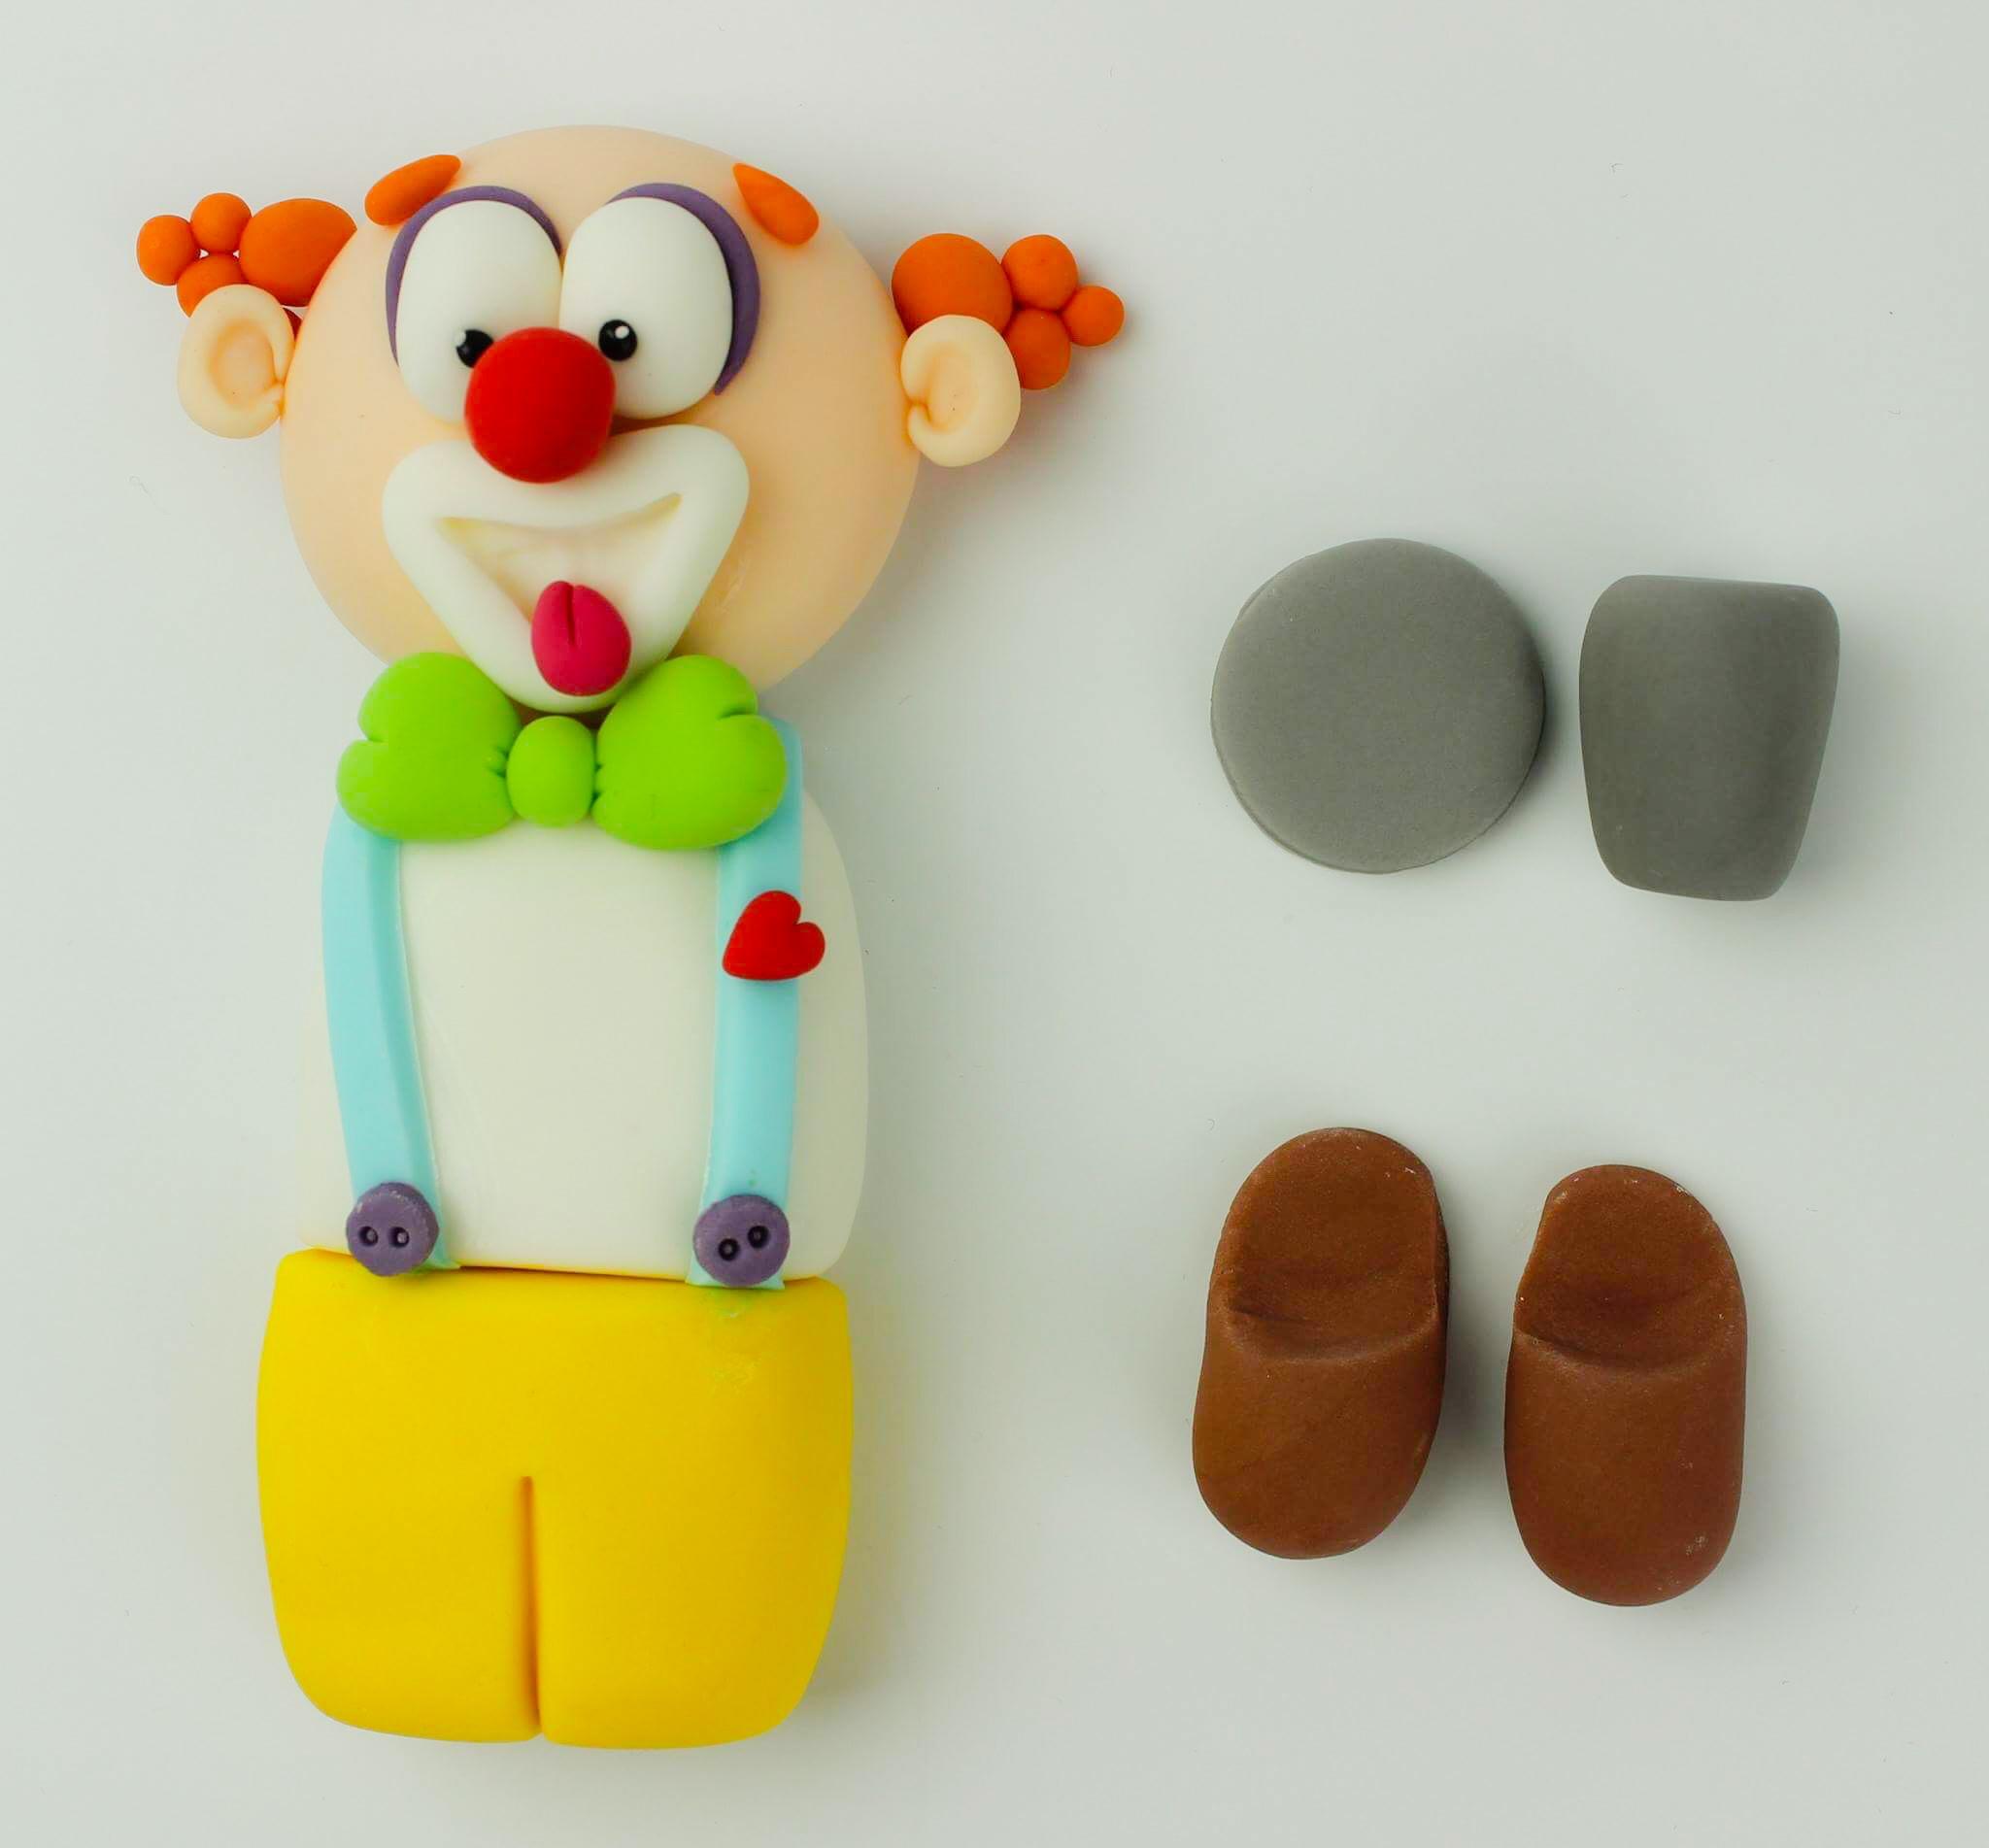 clown-15.JPG#asset:19567